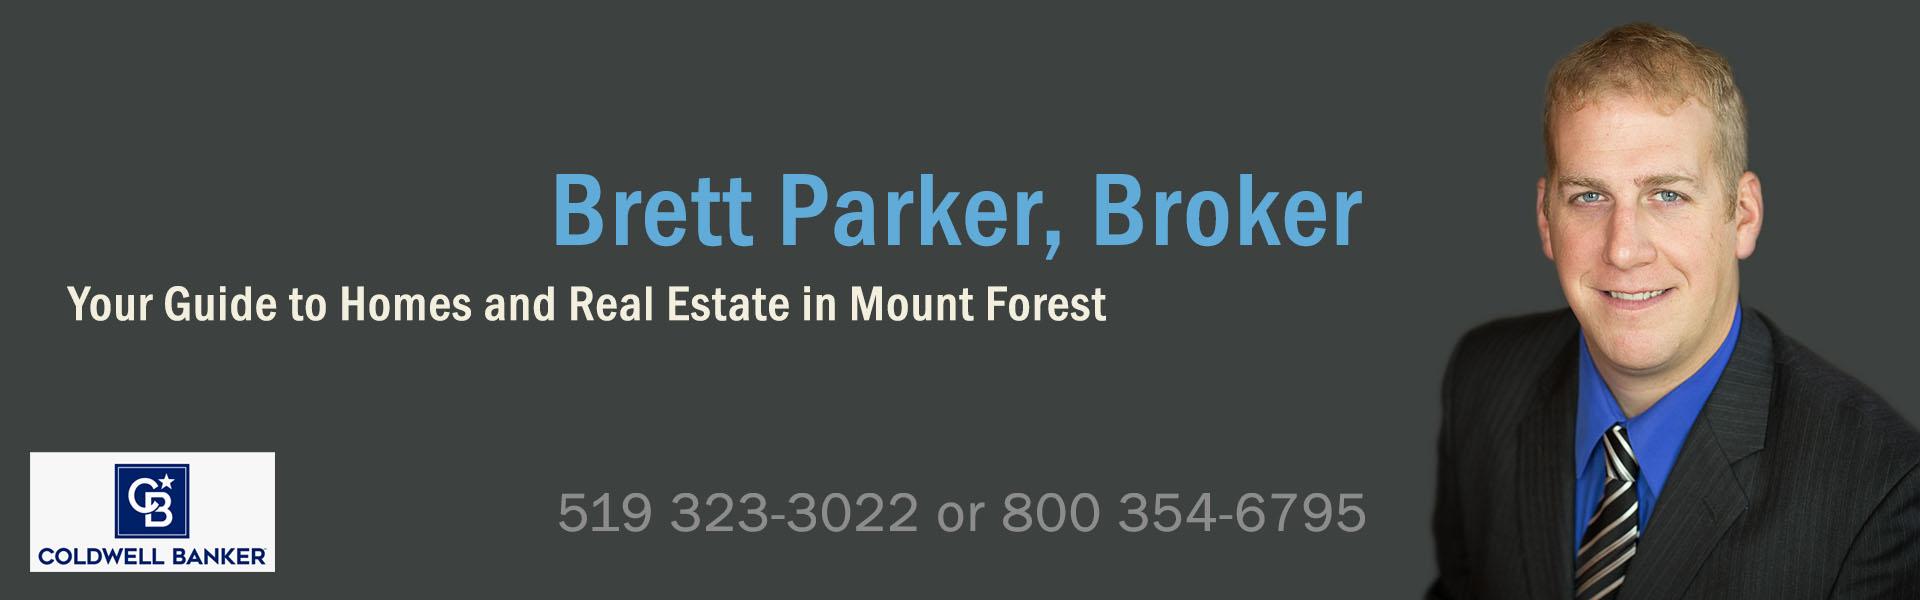 Brett Parker Broker